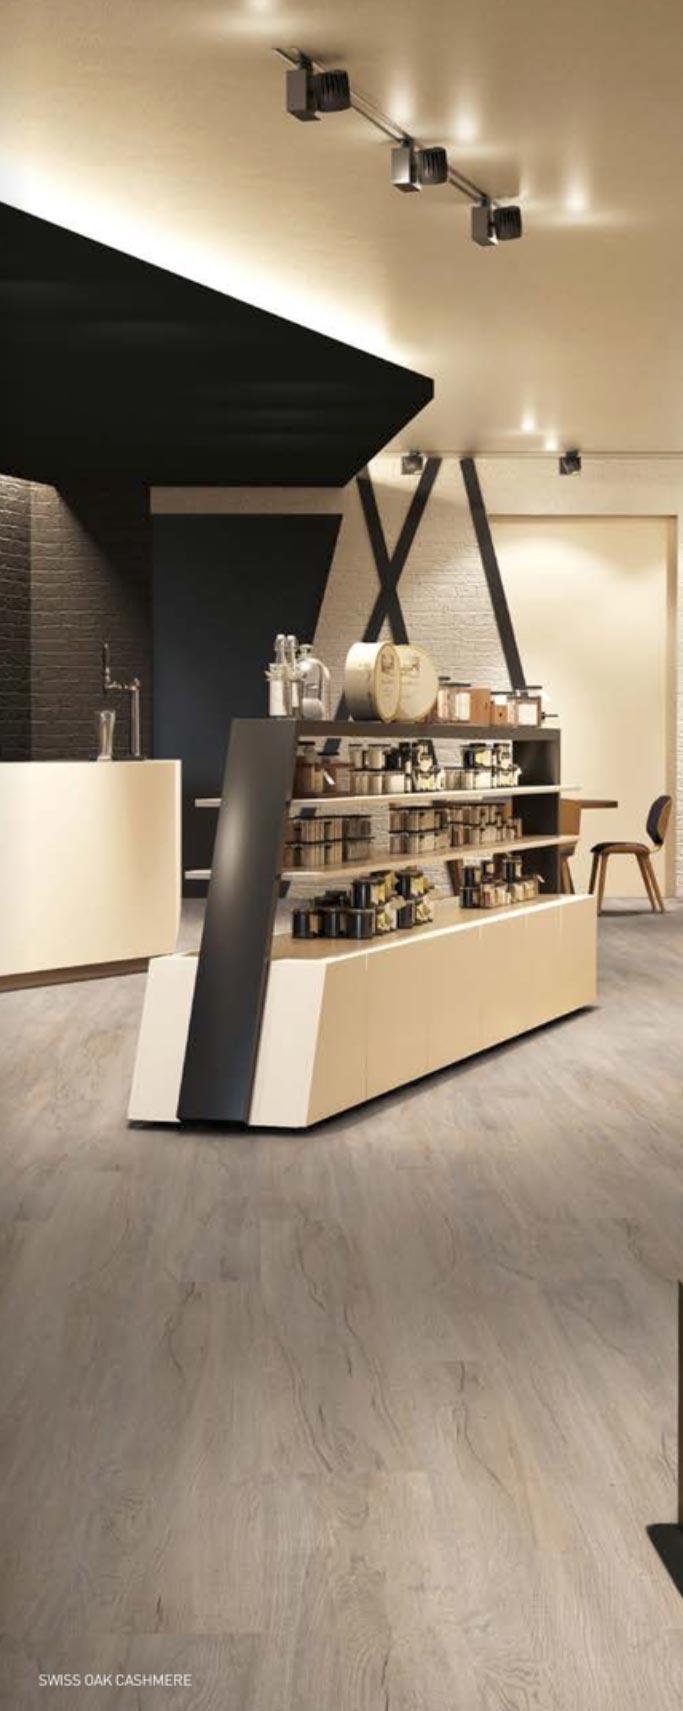 pisos para tiendas creation clic